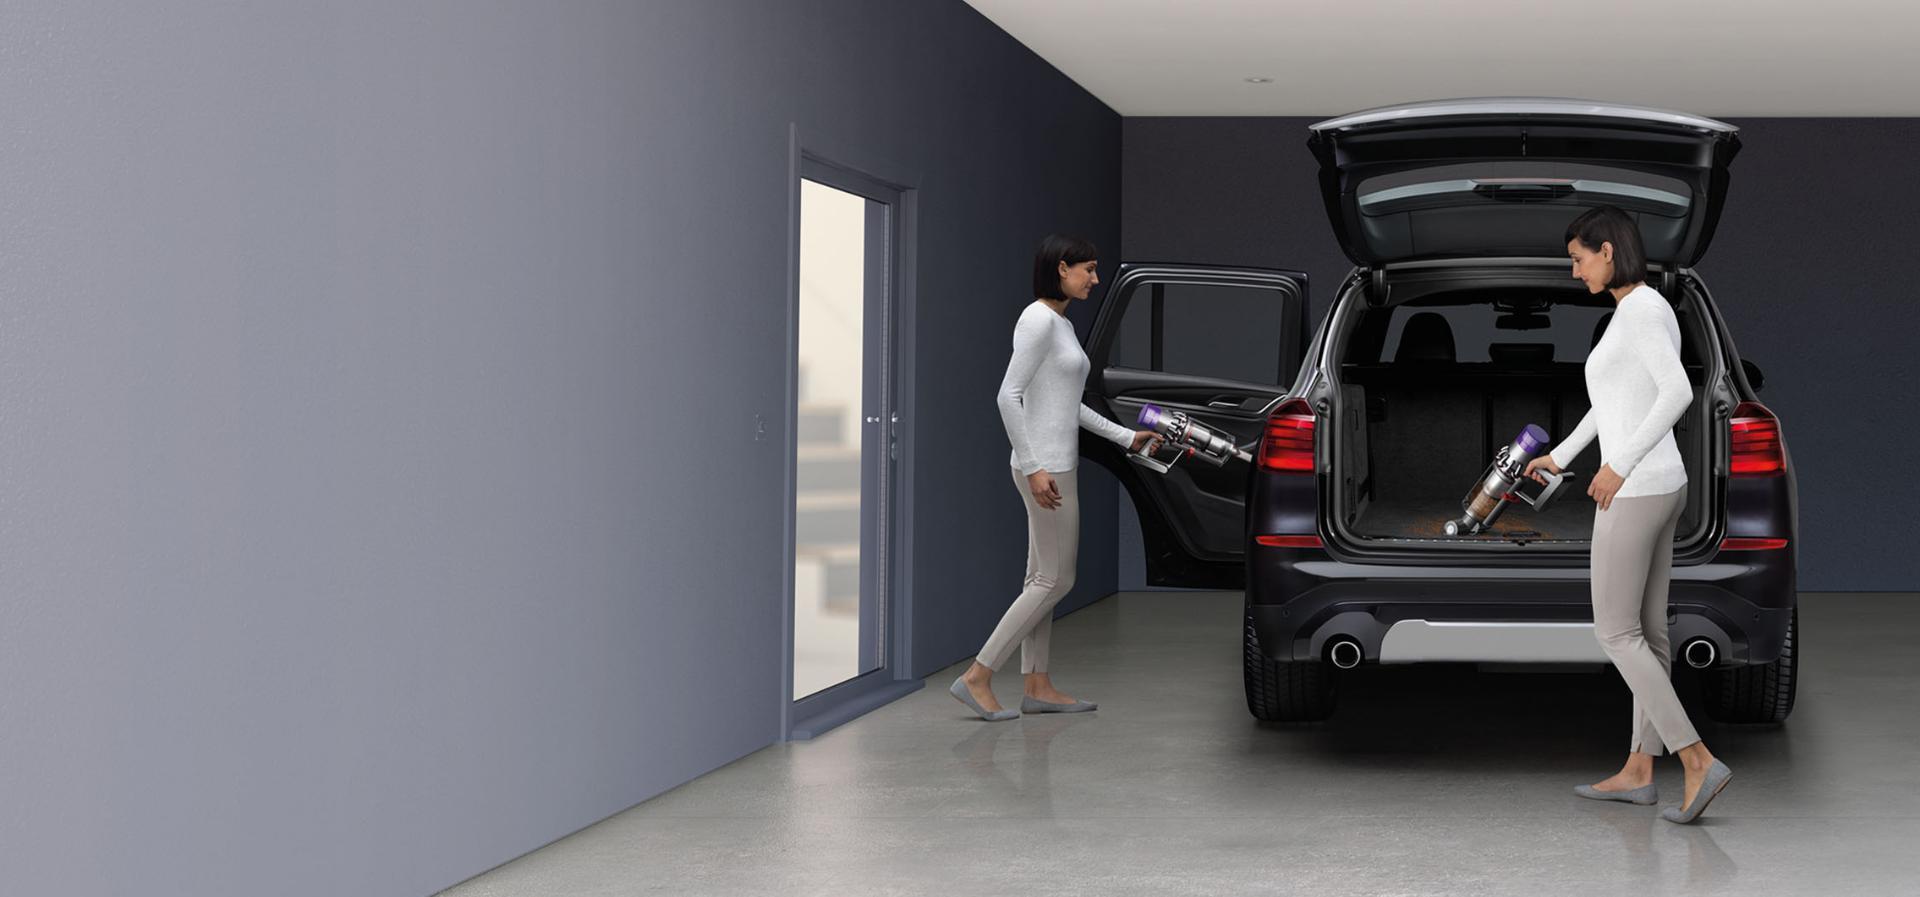 El süpürgesi modunda Dyson Cyclone V10™ elektrikli süpürge arabanın içini temizlerken